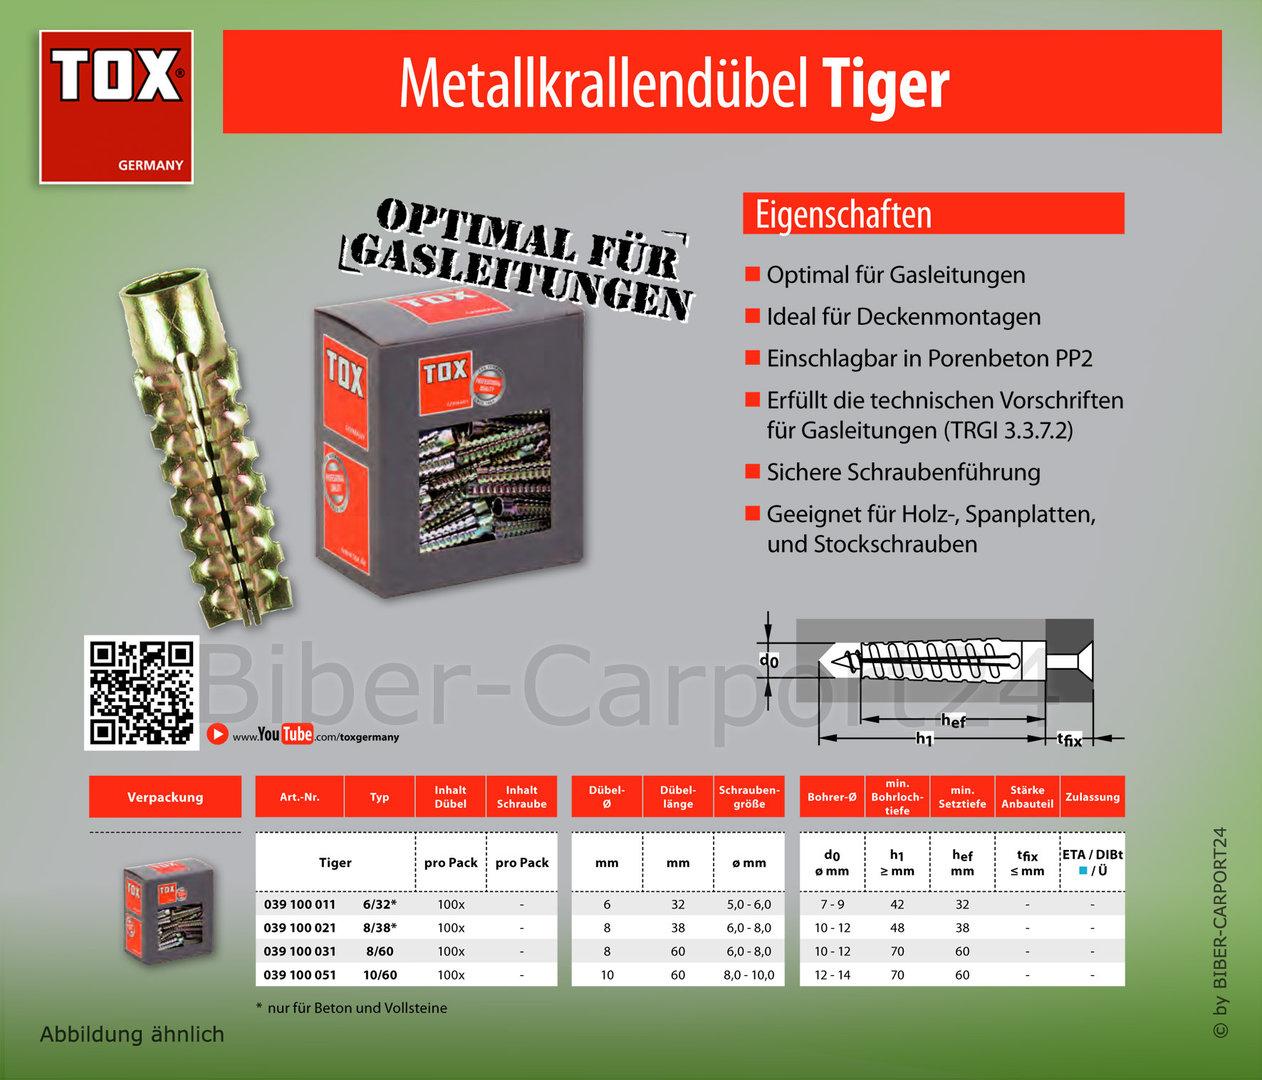 TOX Tiger MKD Metall-Krallendübel Spreizdübel für Gasleitungen Deckenmontage